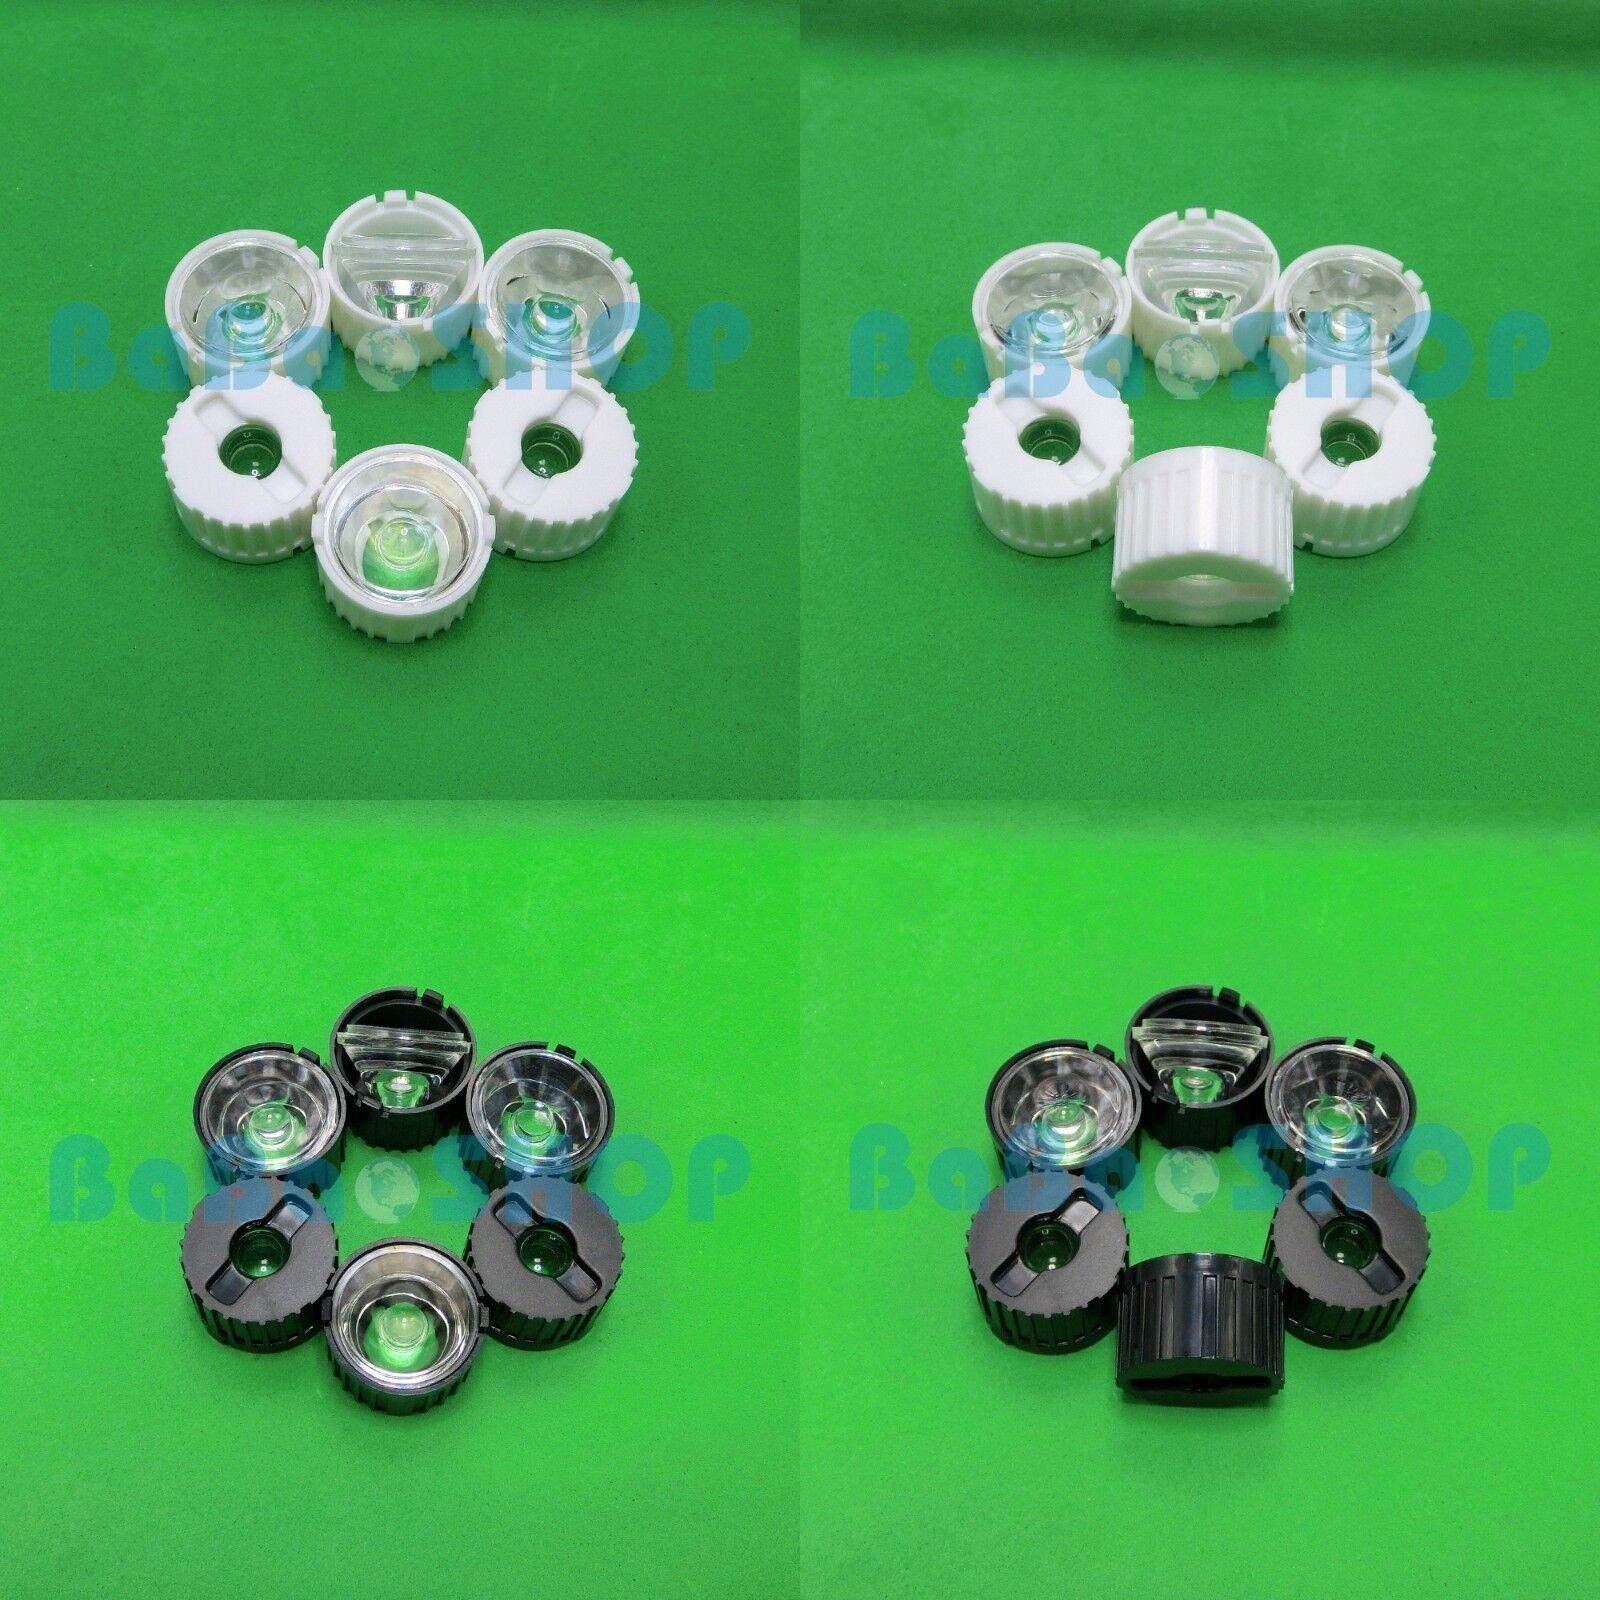 10600pcs 5 10 30 60 90 degree PMMA Lens 1W 3W 5W LED Lamp Light Spotlight Bulb